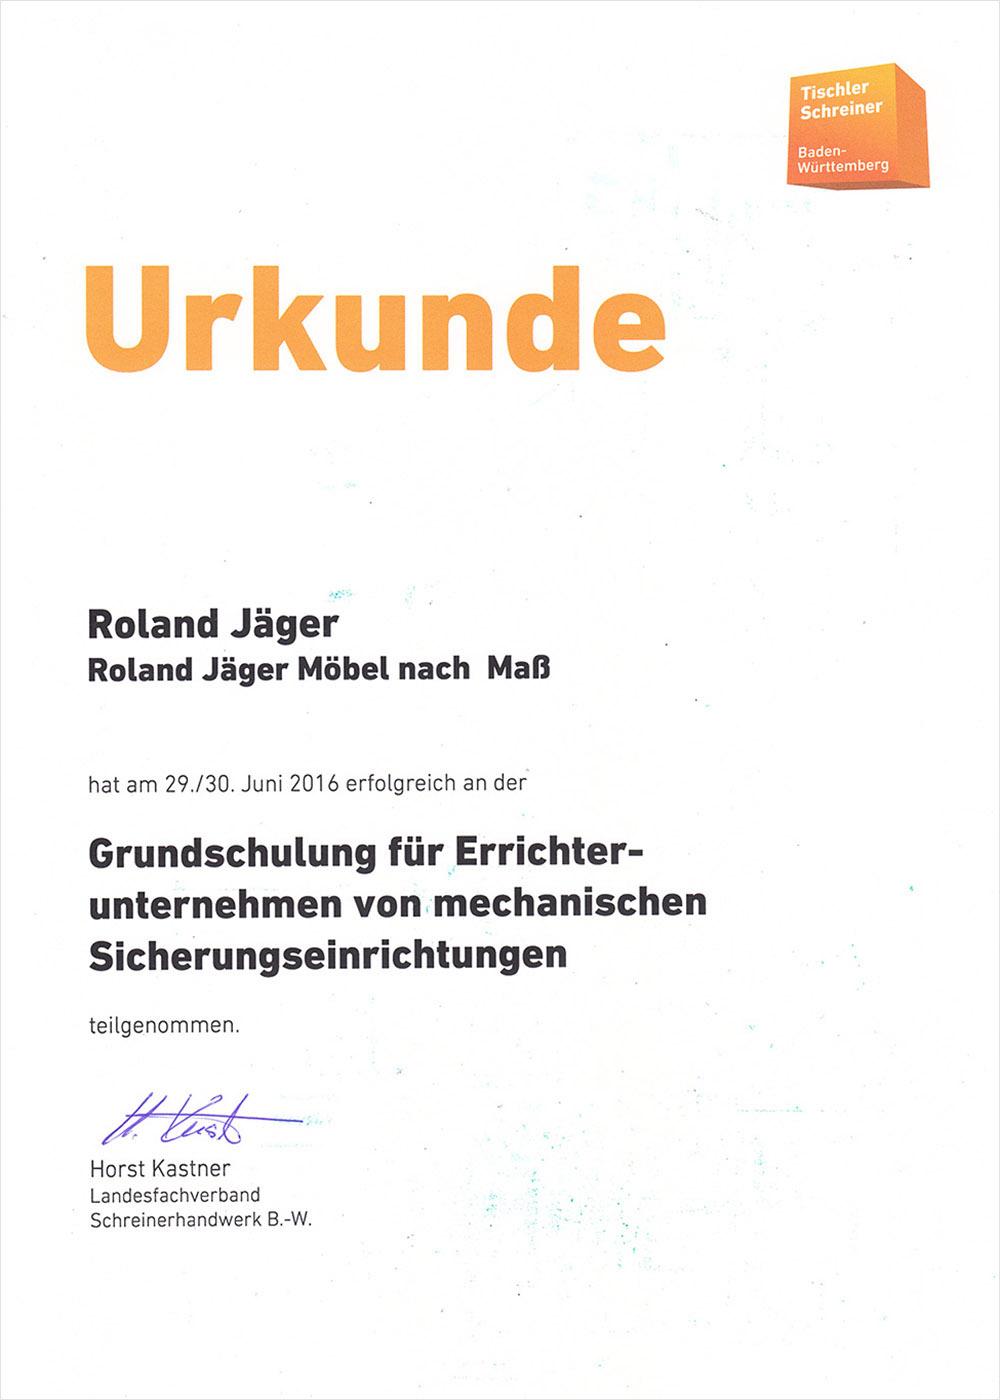 UrkundeSchreinerei JÄGER Freiburg